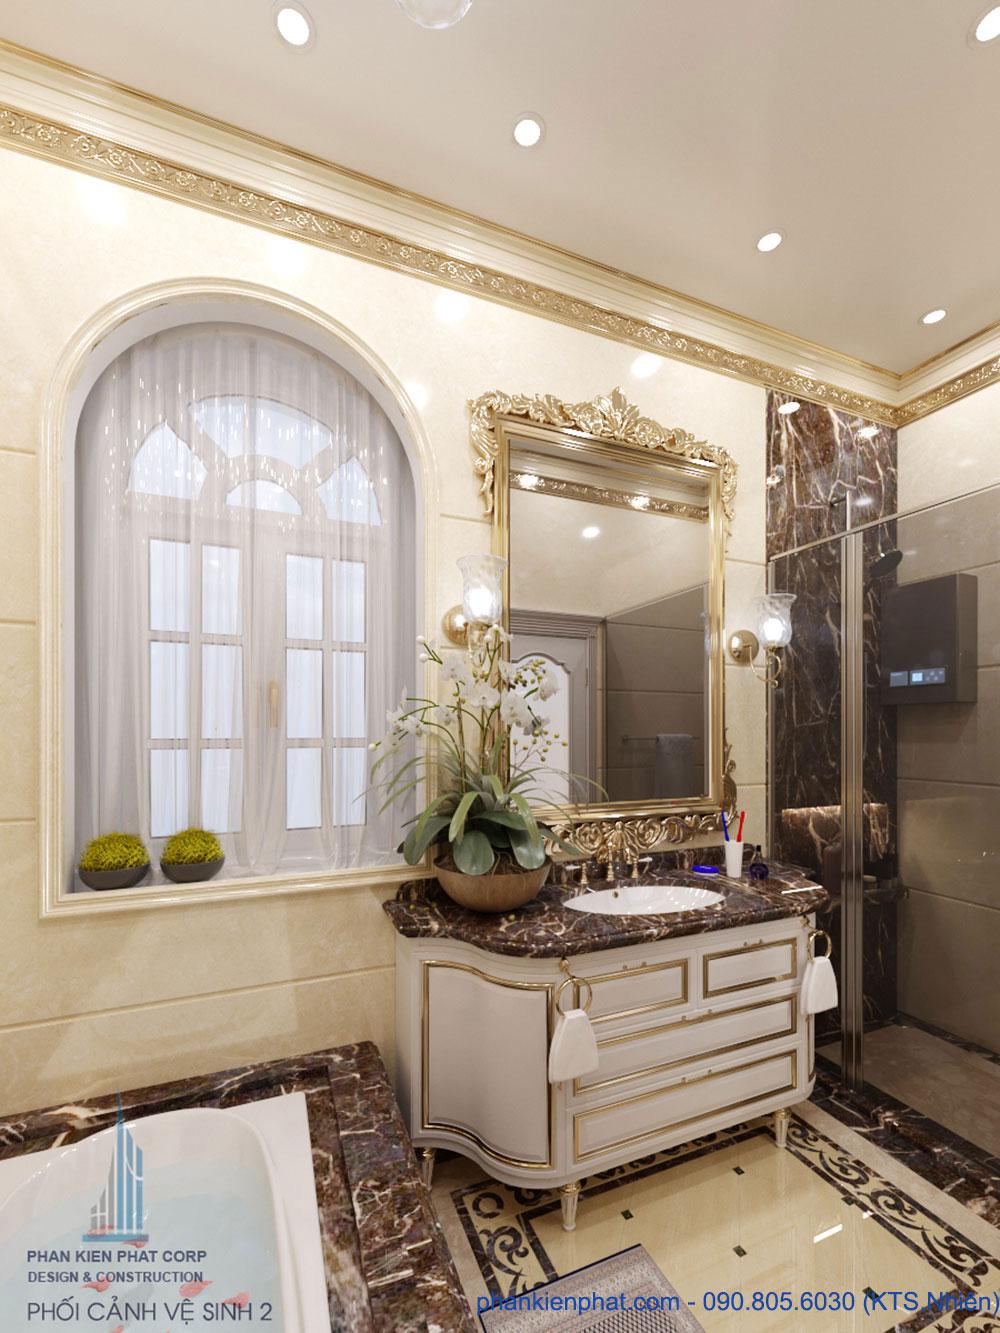 Phòng vệ sinh 2 view 1